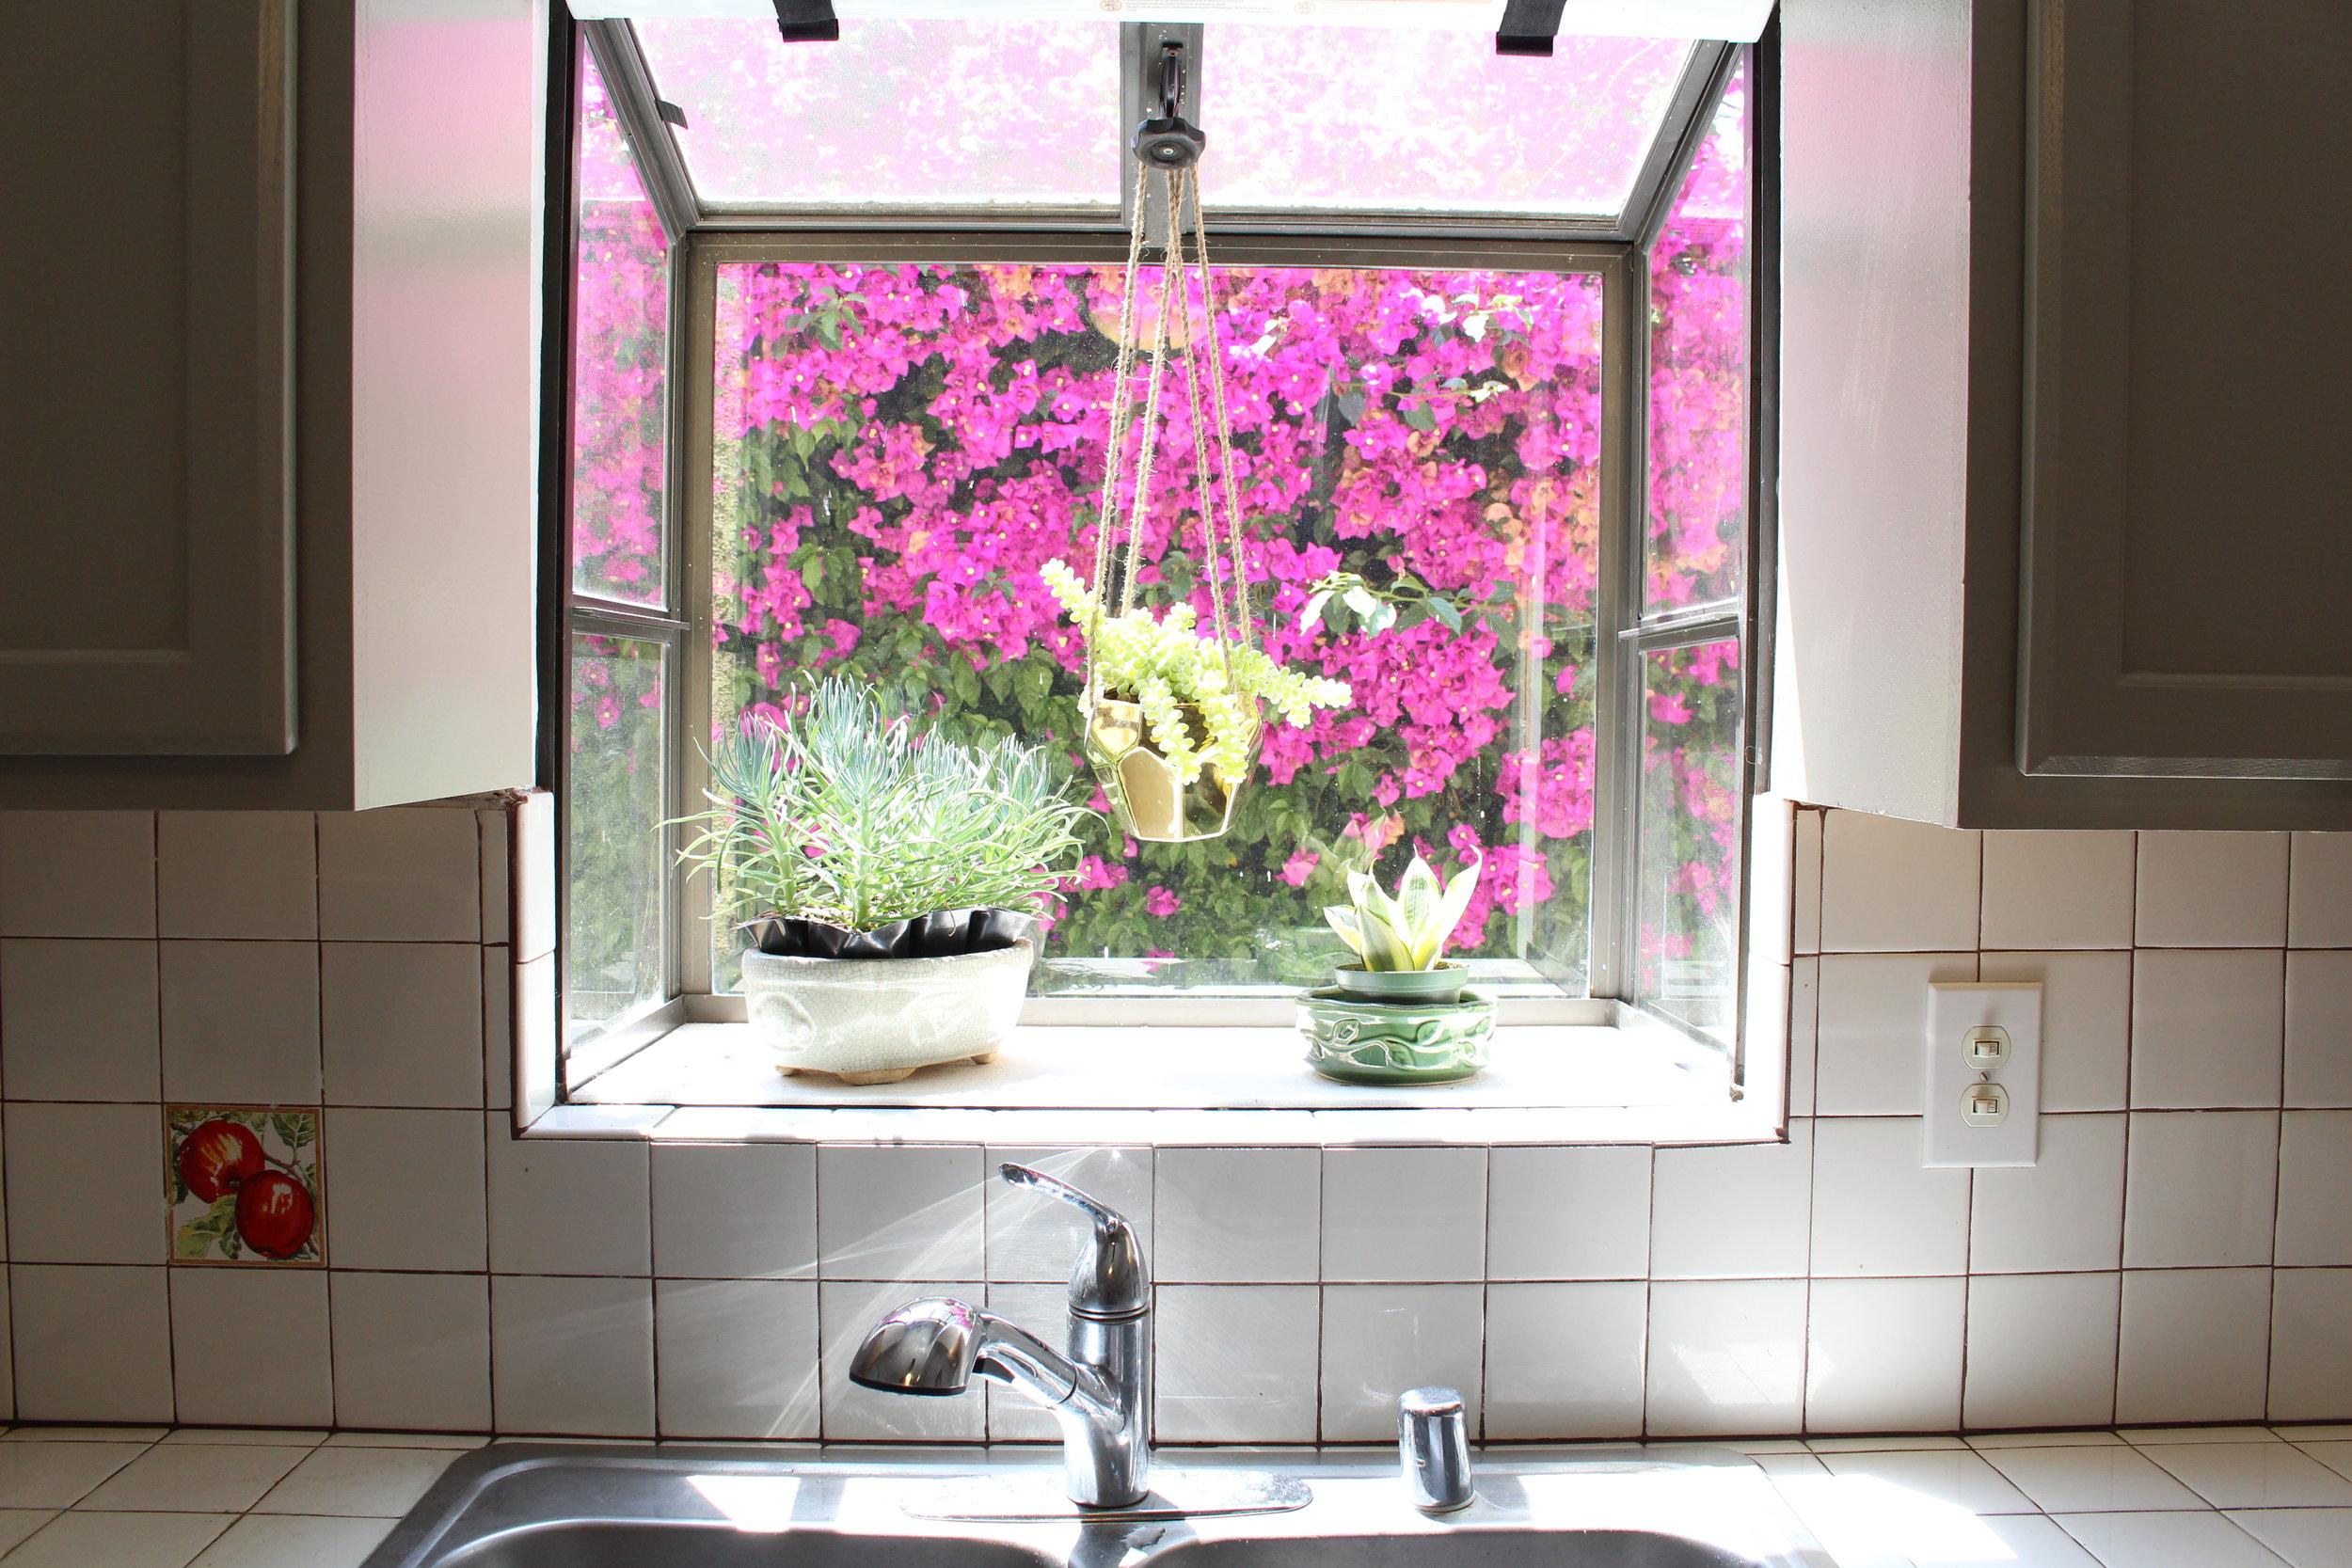 Home Tour_Kitchen View